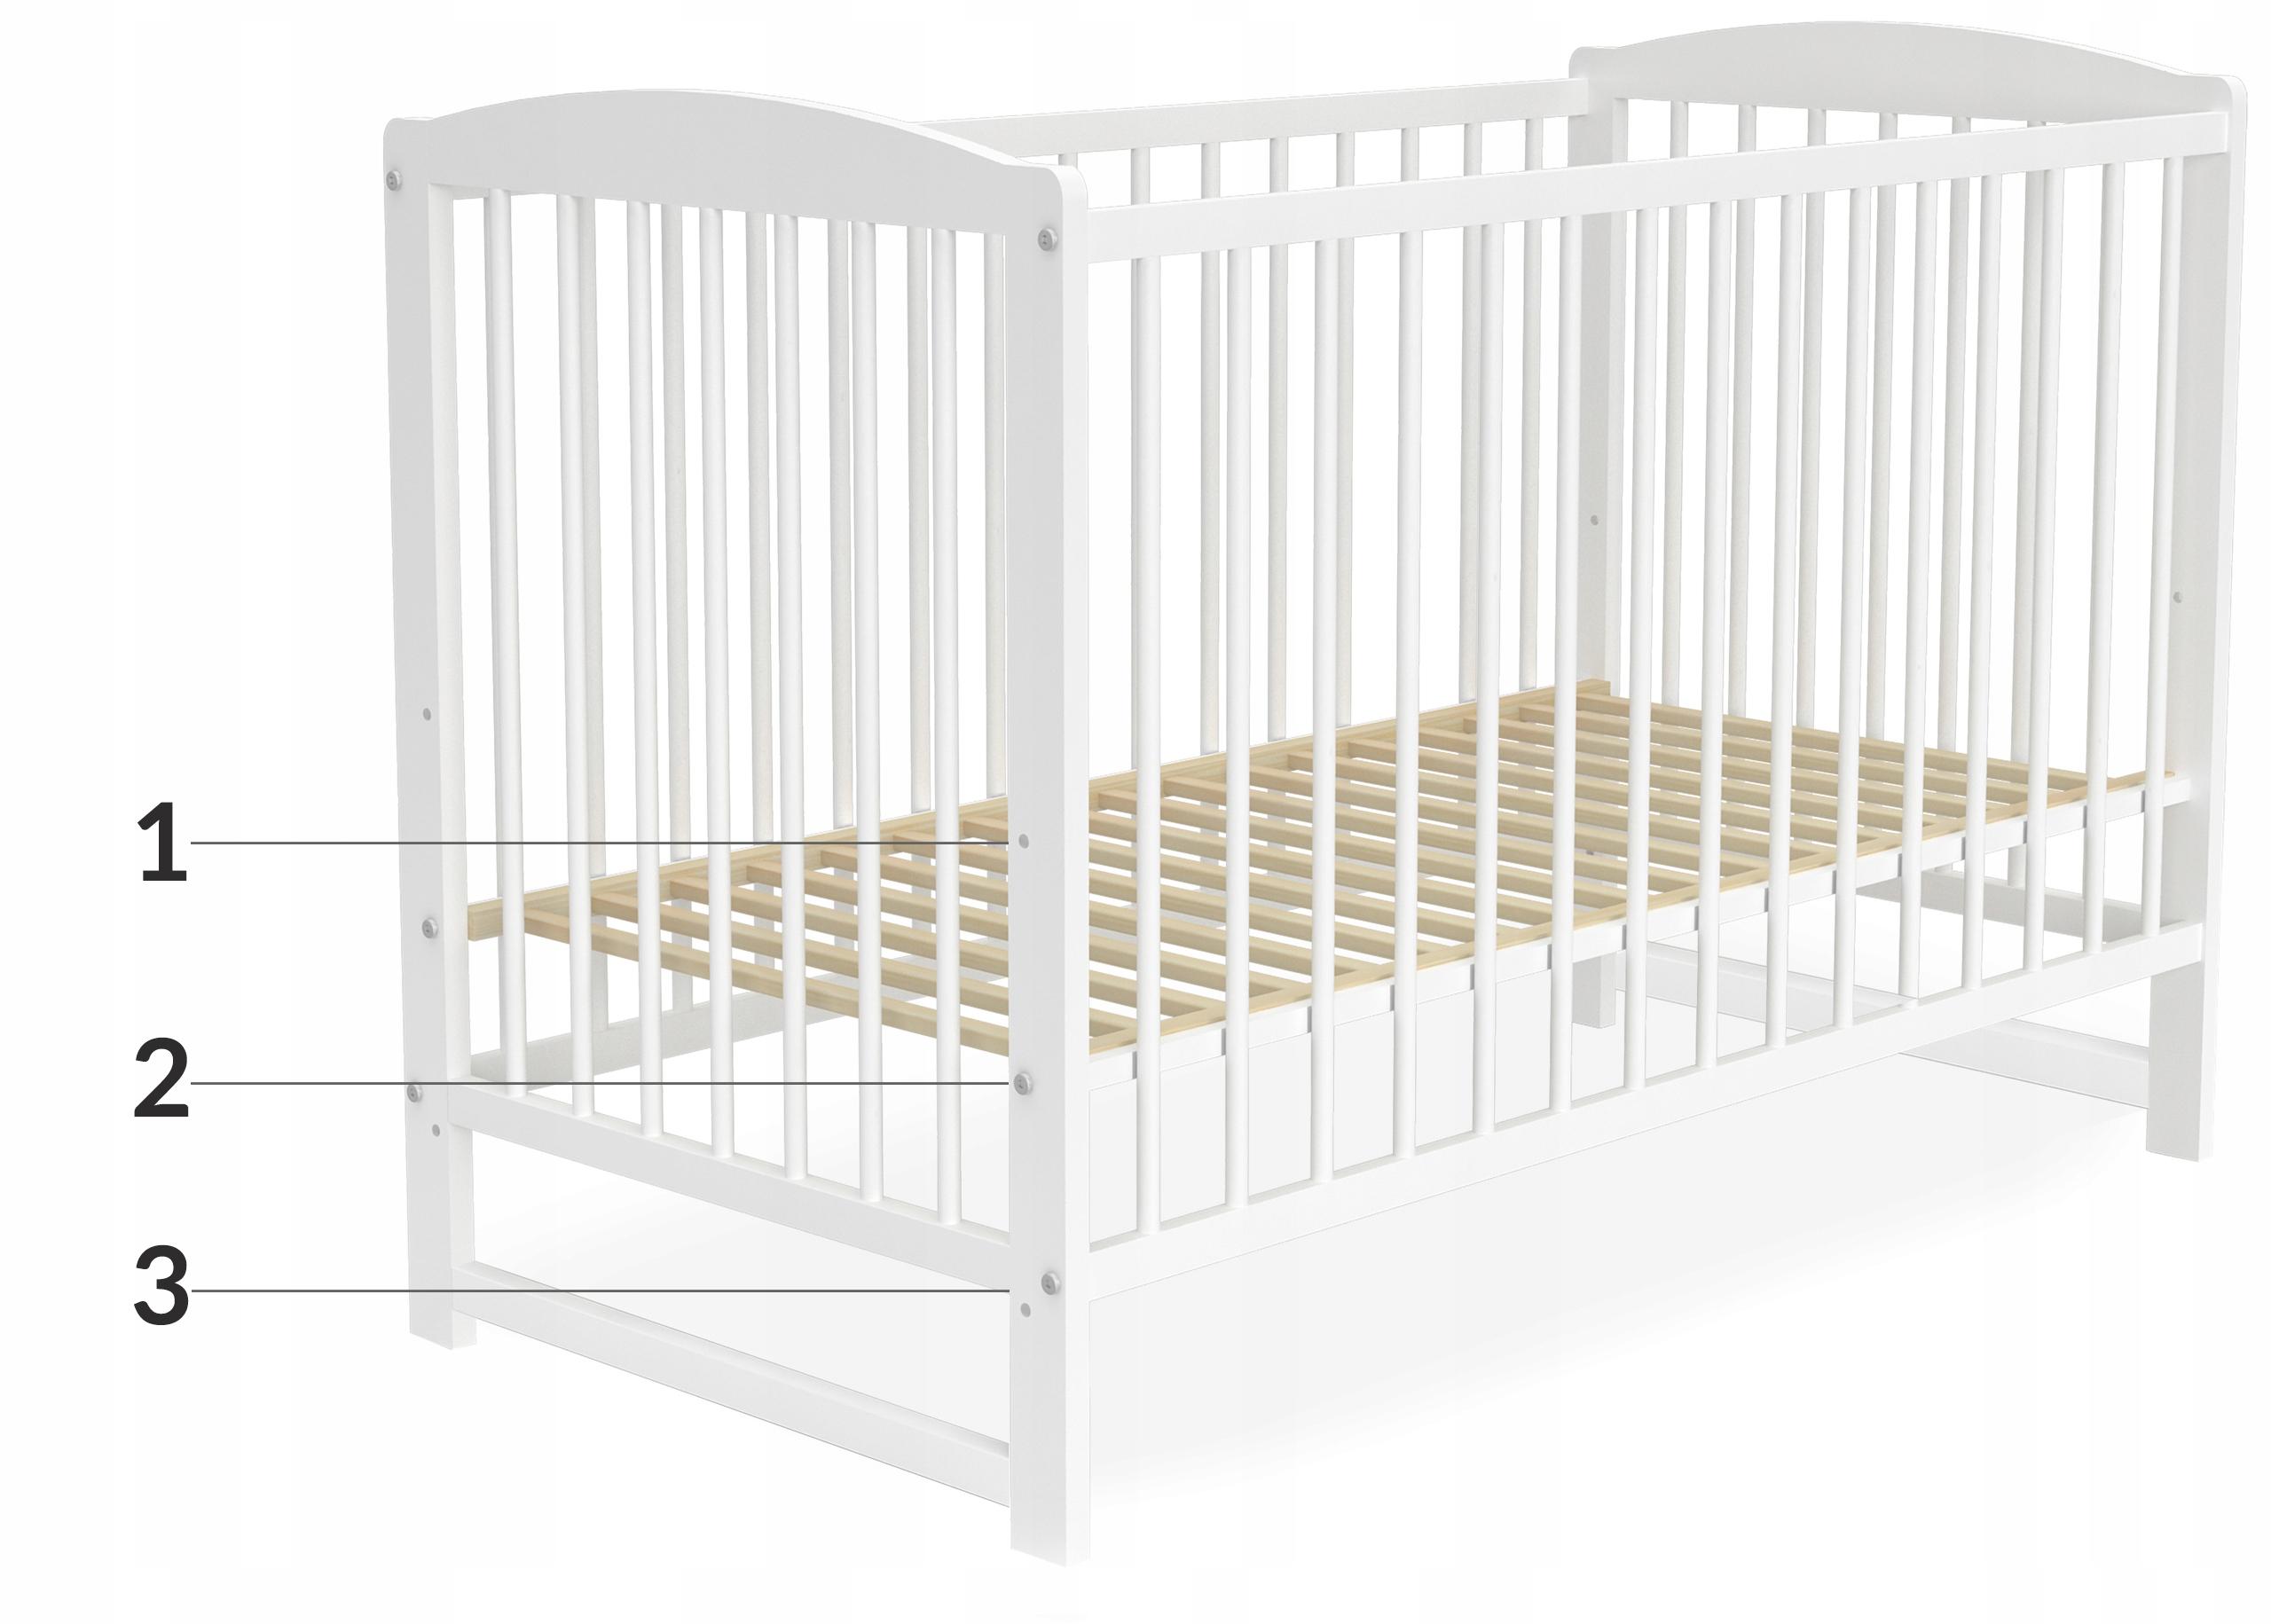 Łóżeczko dziecięce 60x120 cm ADAŚ białe 2w1 EAN 5902841969124